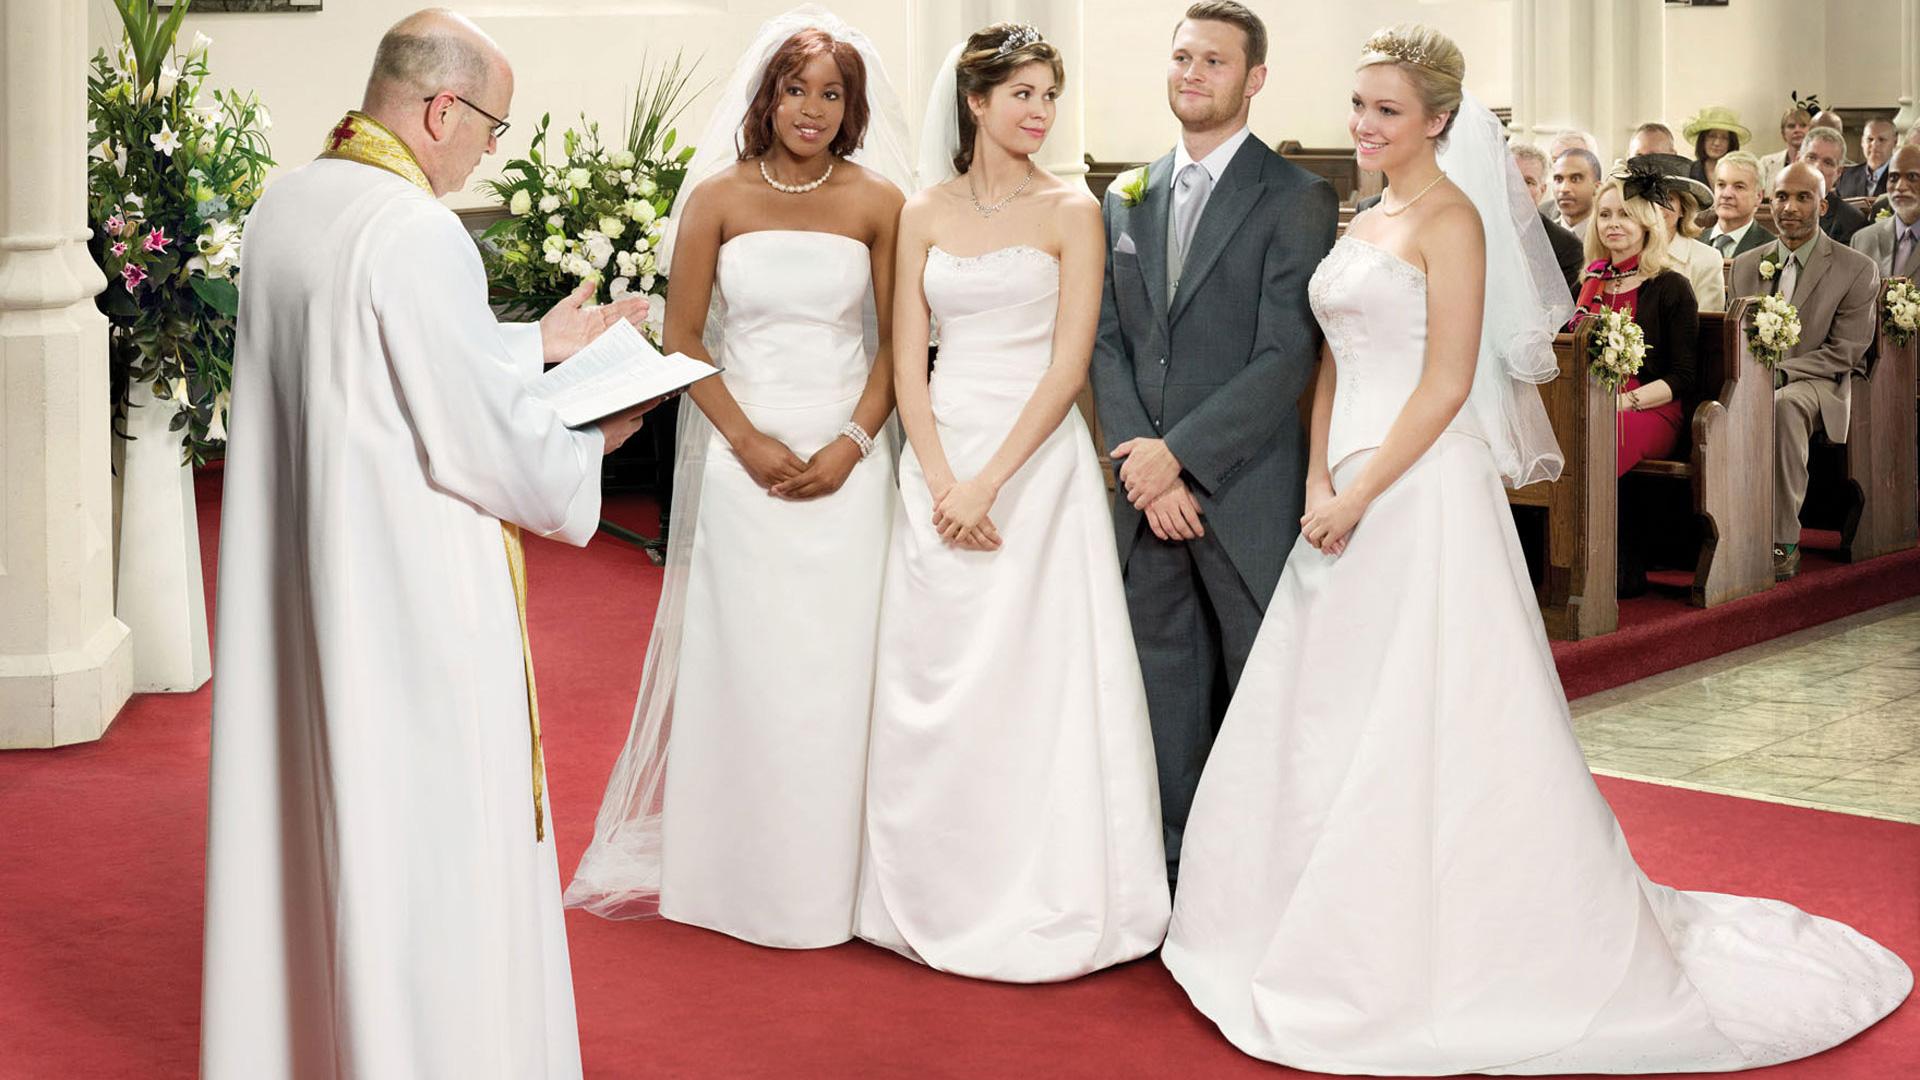 Три девицы и один мужик 13 фотография